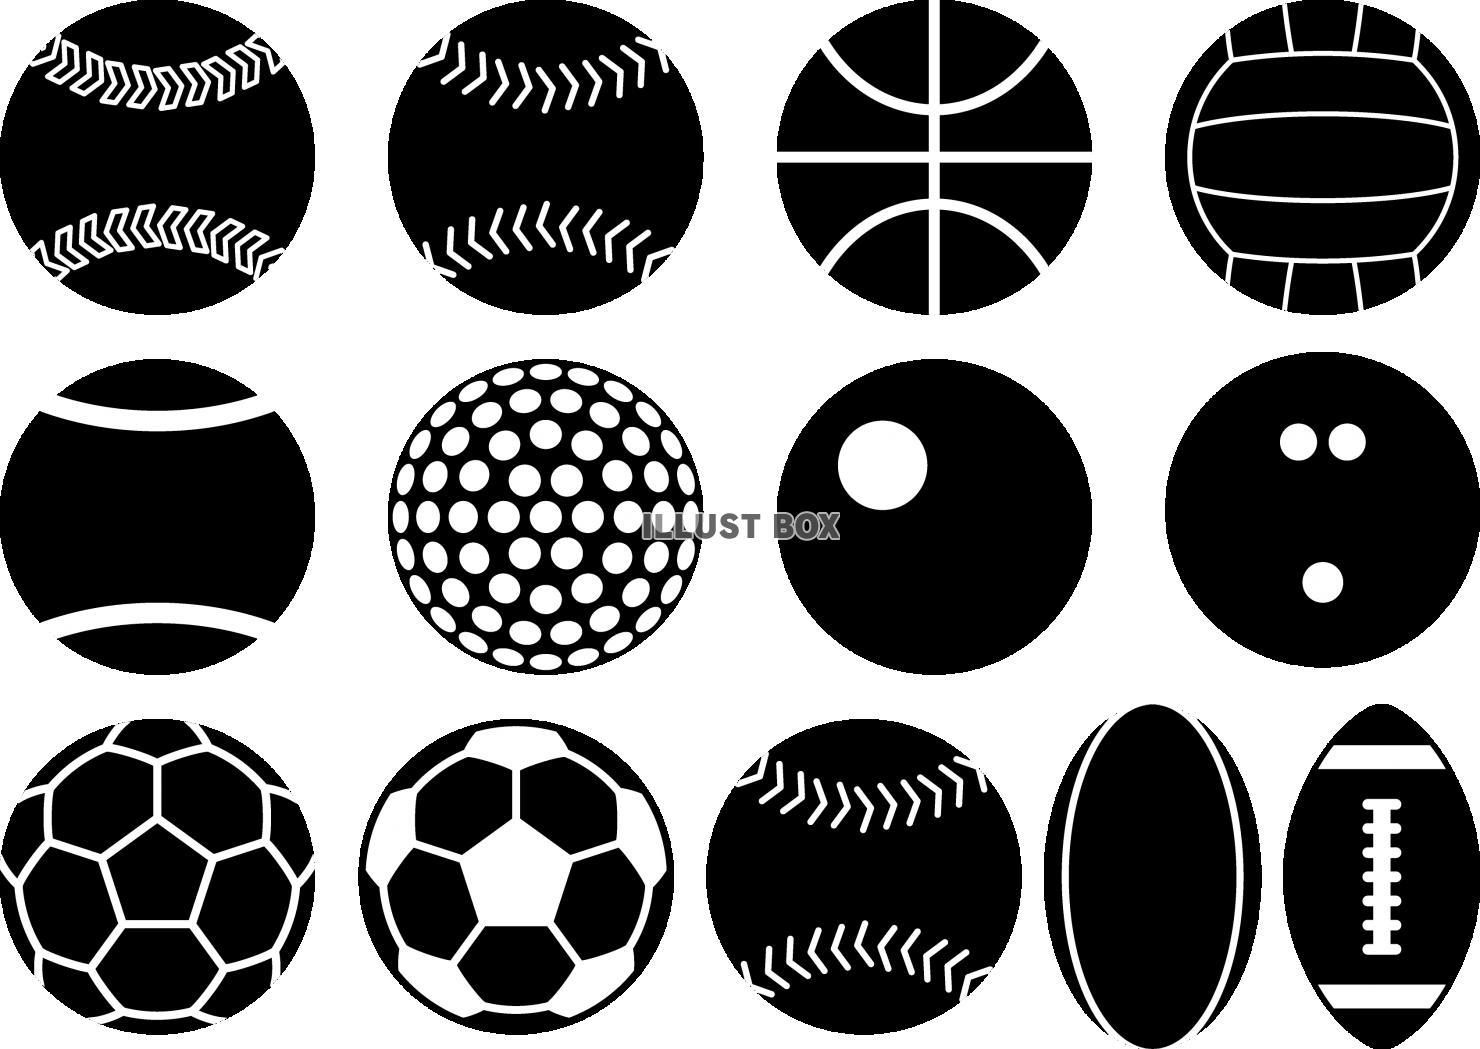 無料イラスト ボール スポーツ 部活 クラブ シルエット セット